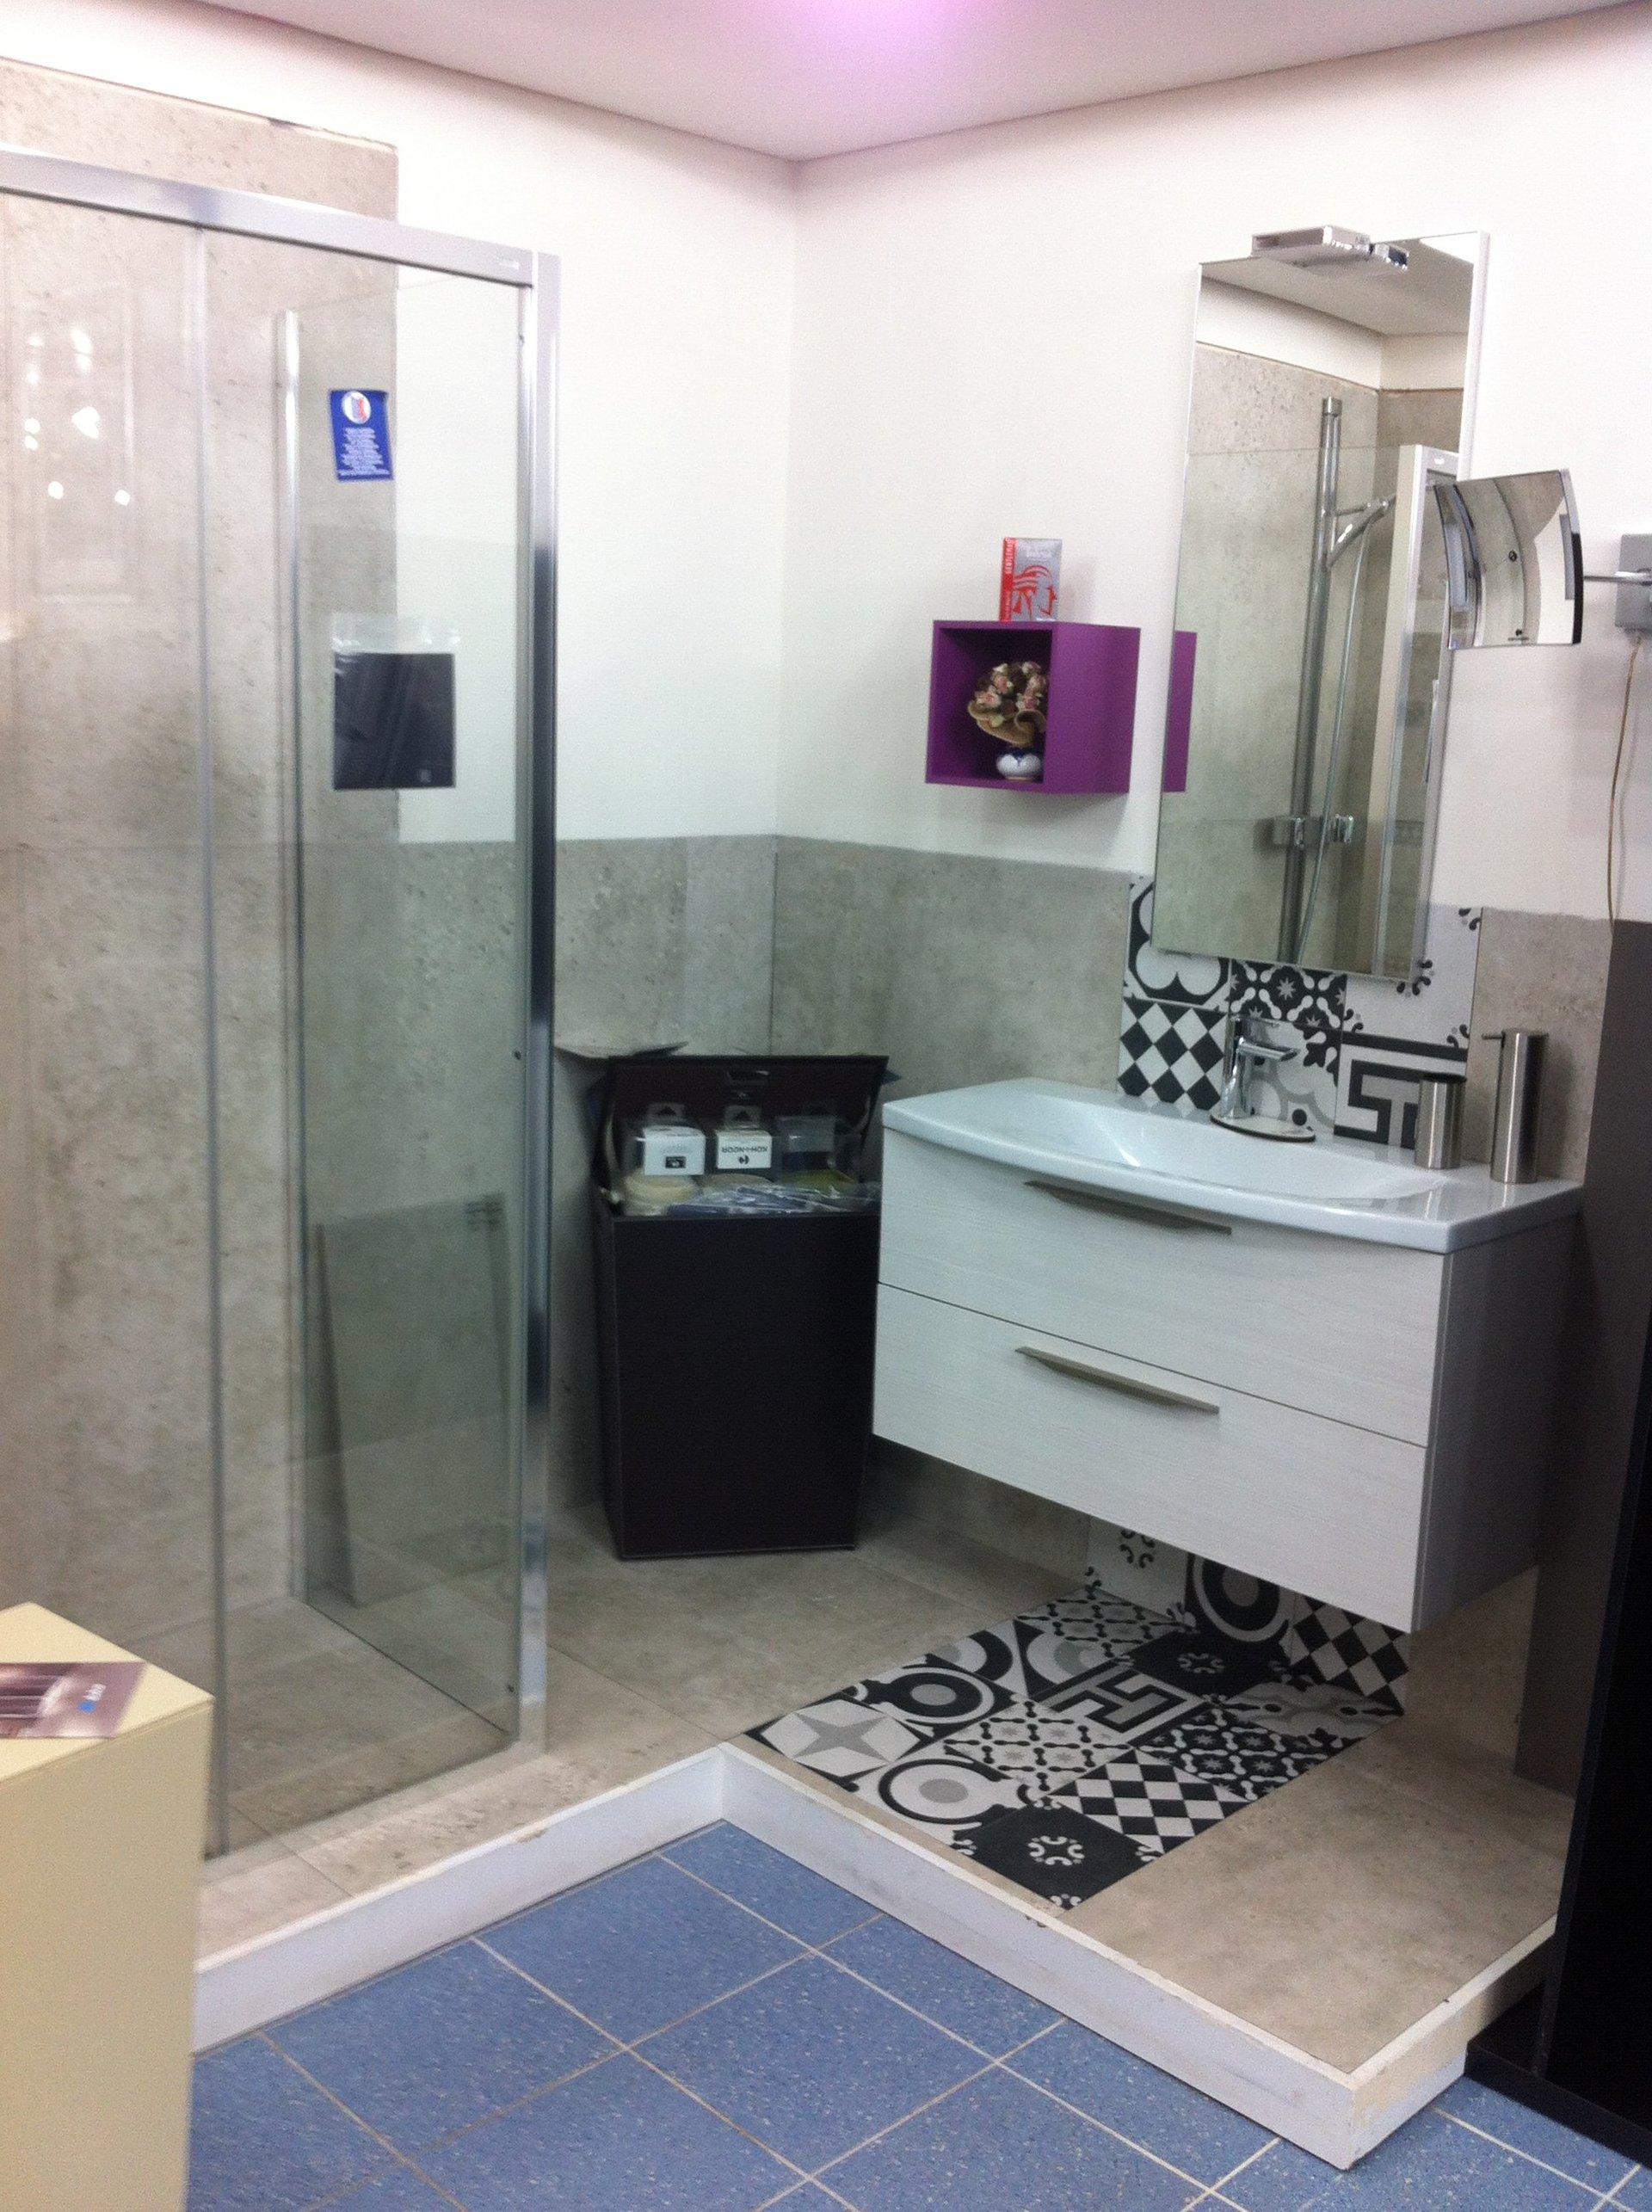 Materiali per edilizia capannori lucca pa riv pavimenti arredo bagno - Arredo bagno lucca ...